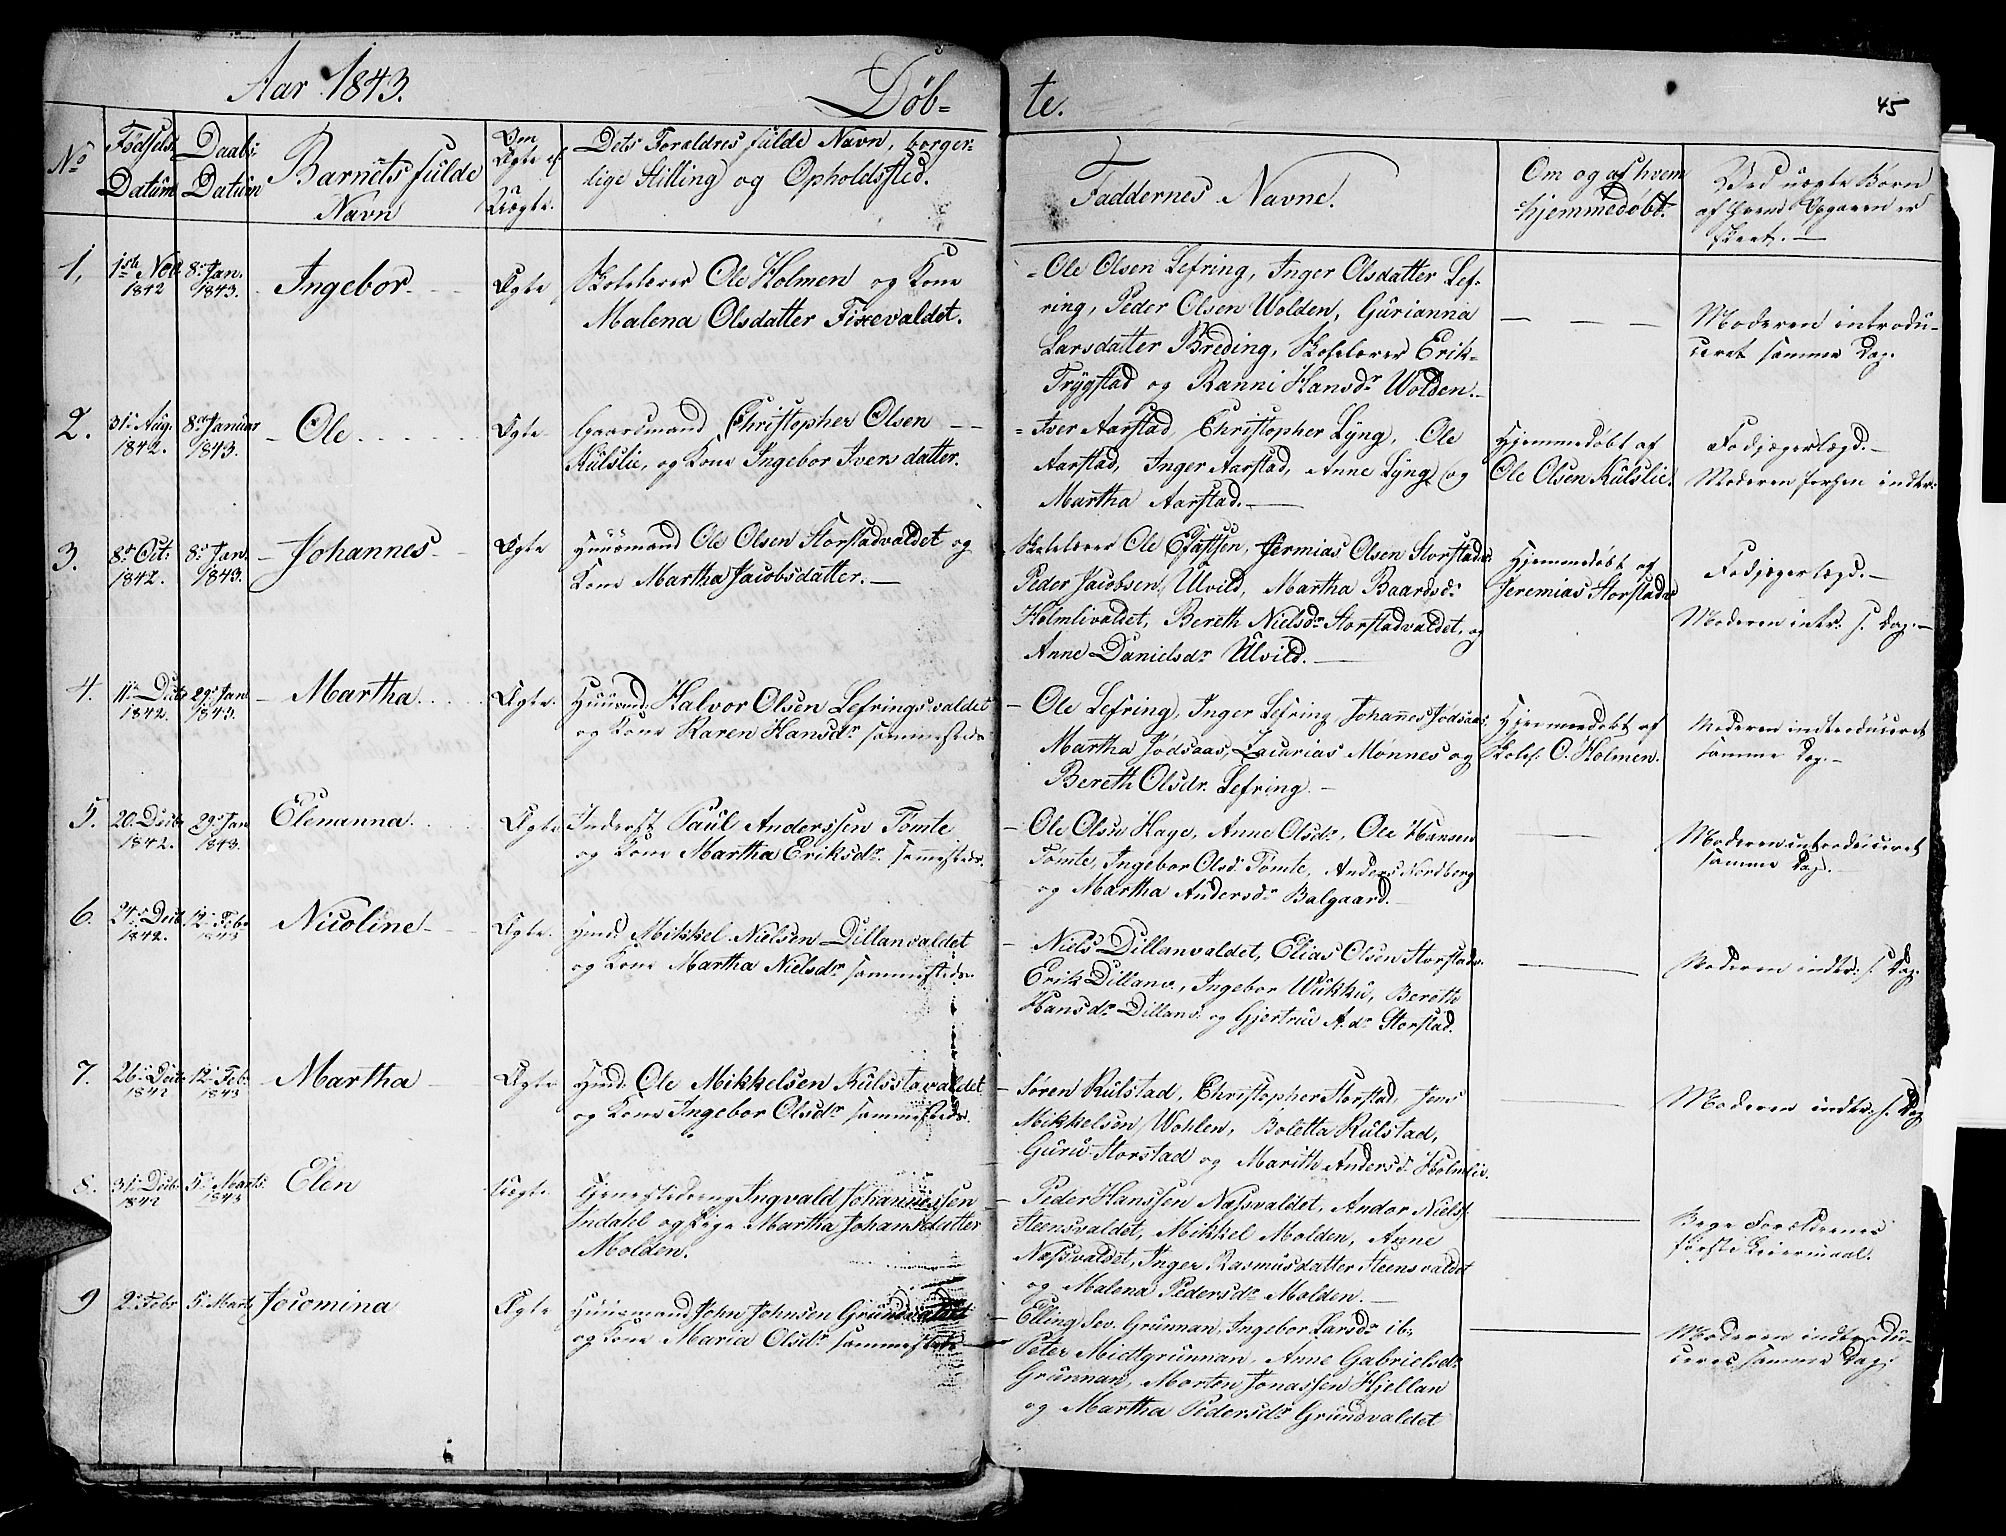 SAT, Ministerialprotokoller, klokkerbøker og fødselsregistre - Nord-Trøndelag, 724/L0266: Klokkerbok nr. 724C02, 1836-1843, s. 45